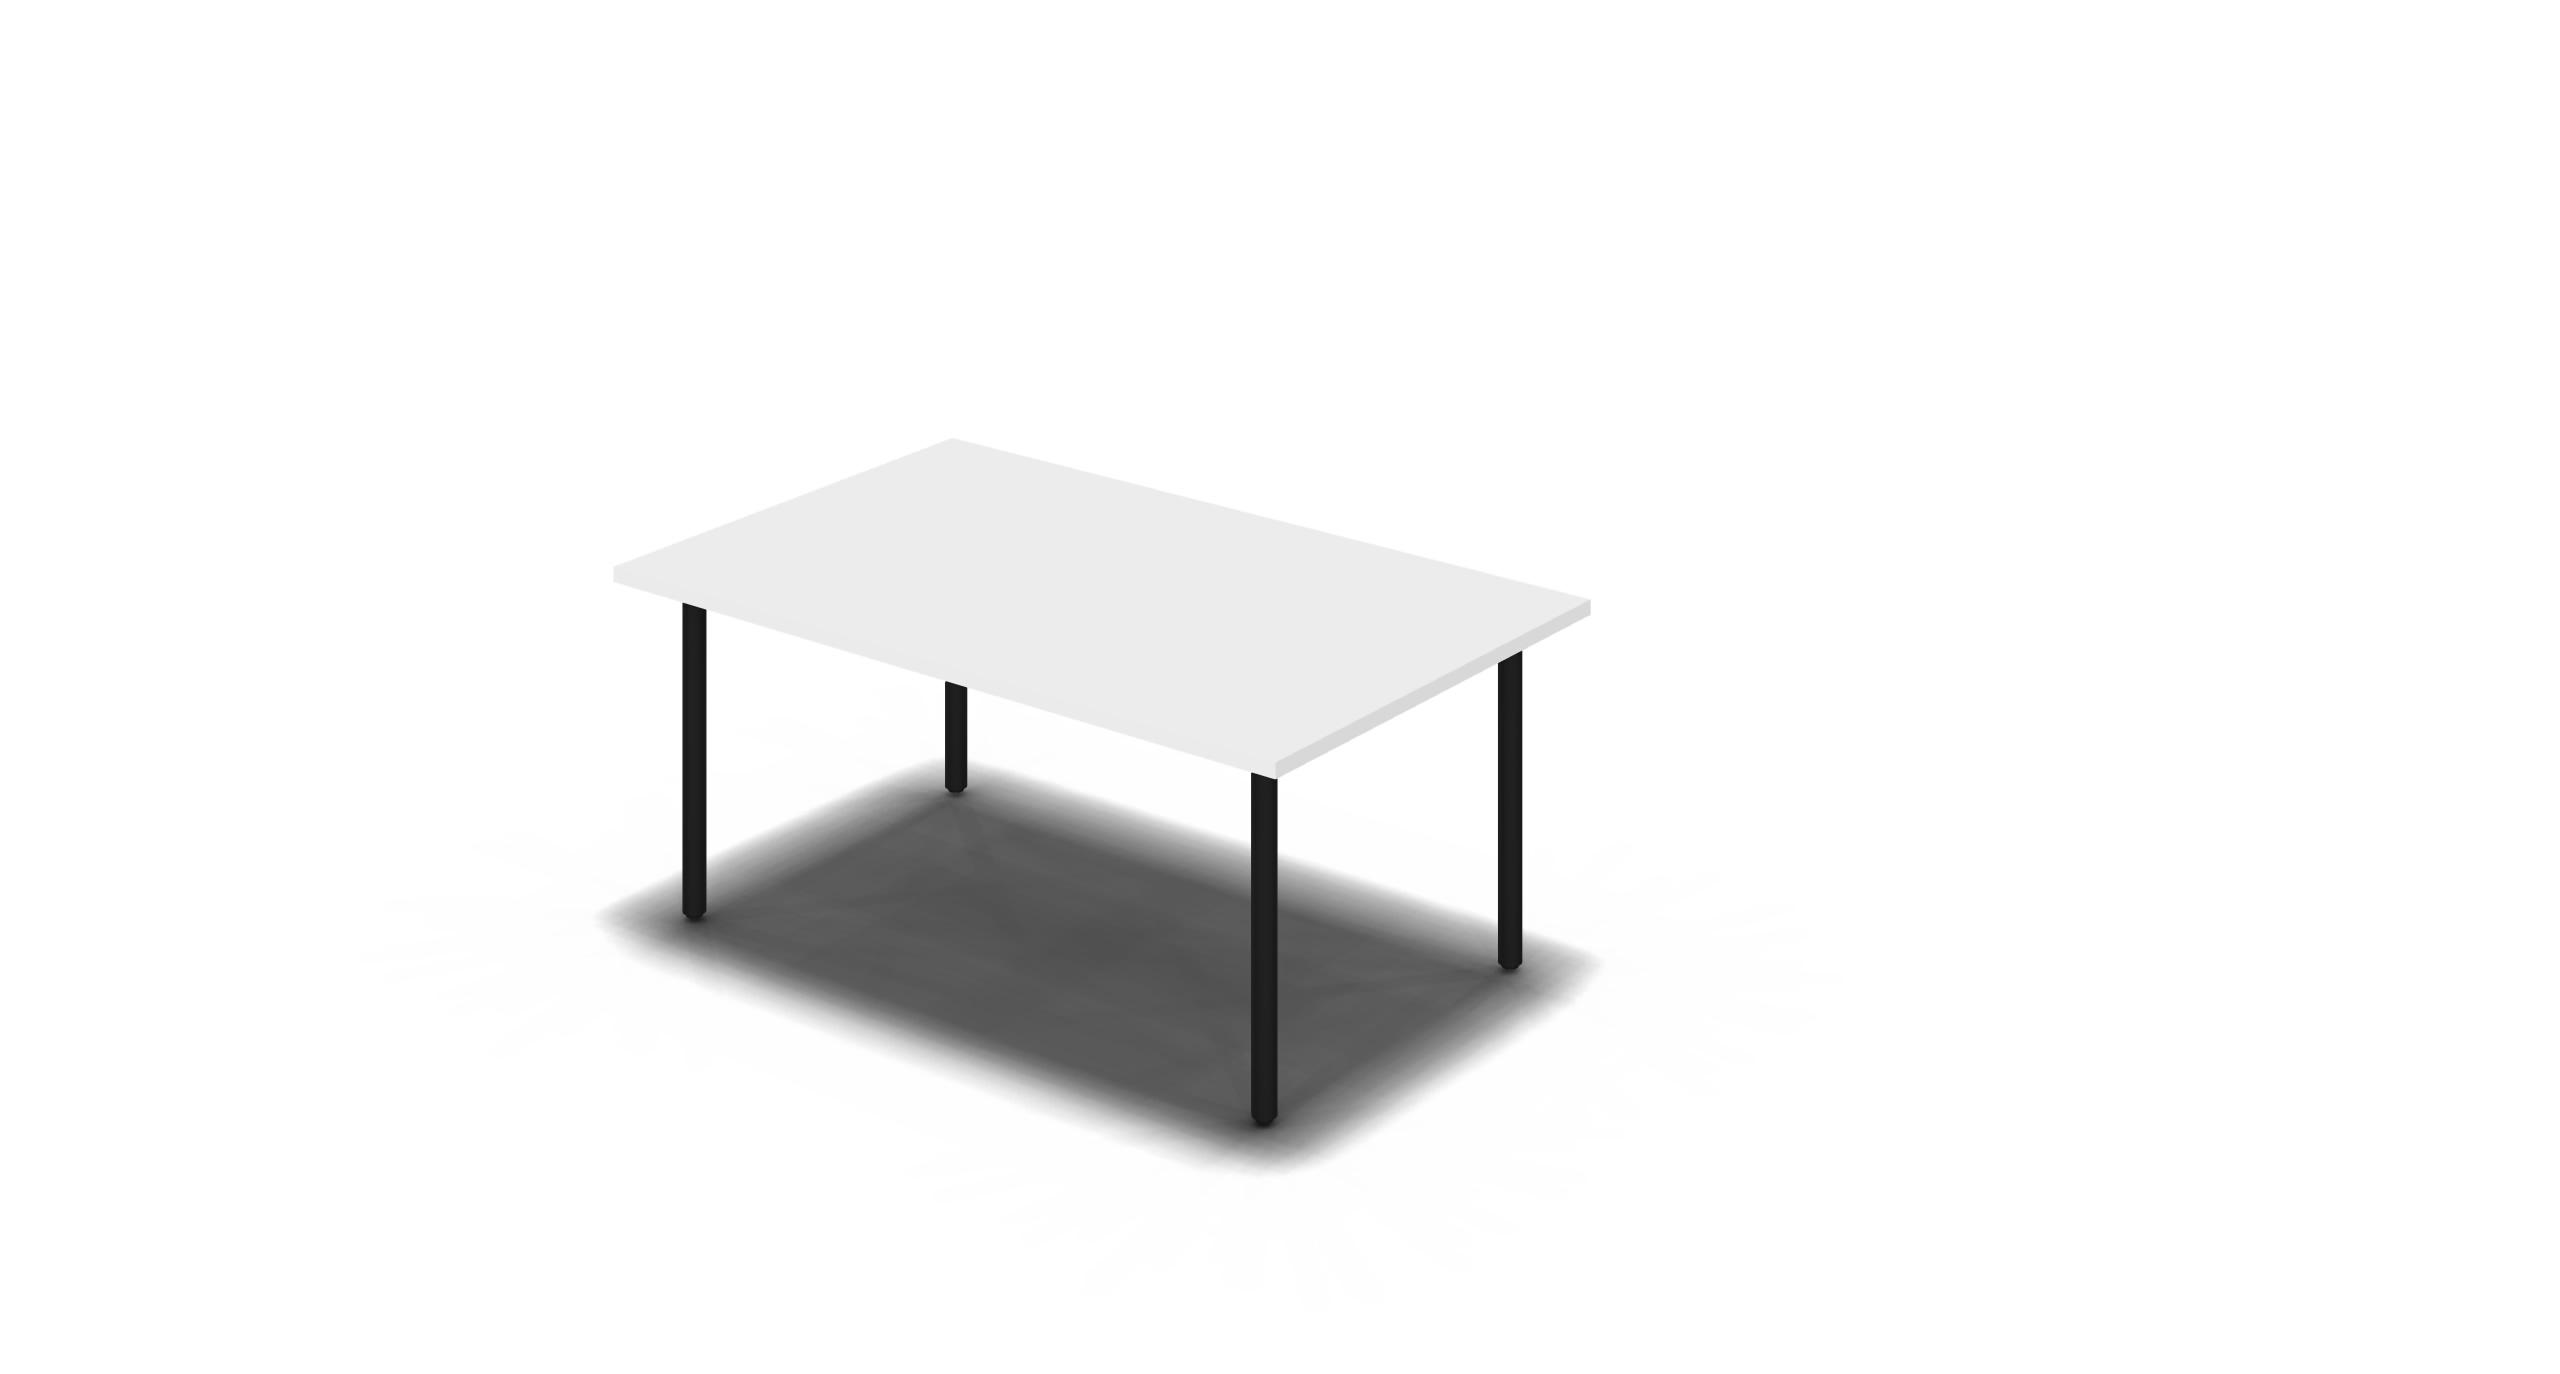 Table_Round_1500x900_Black_White_noOption